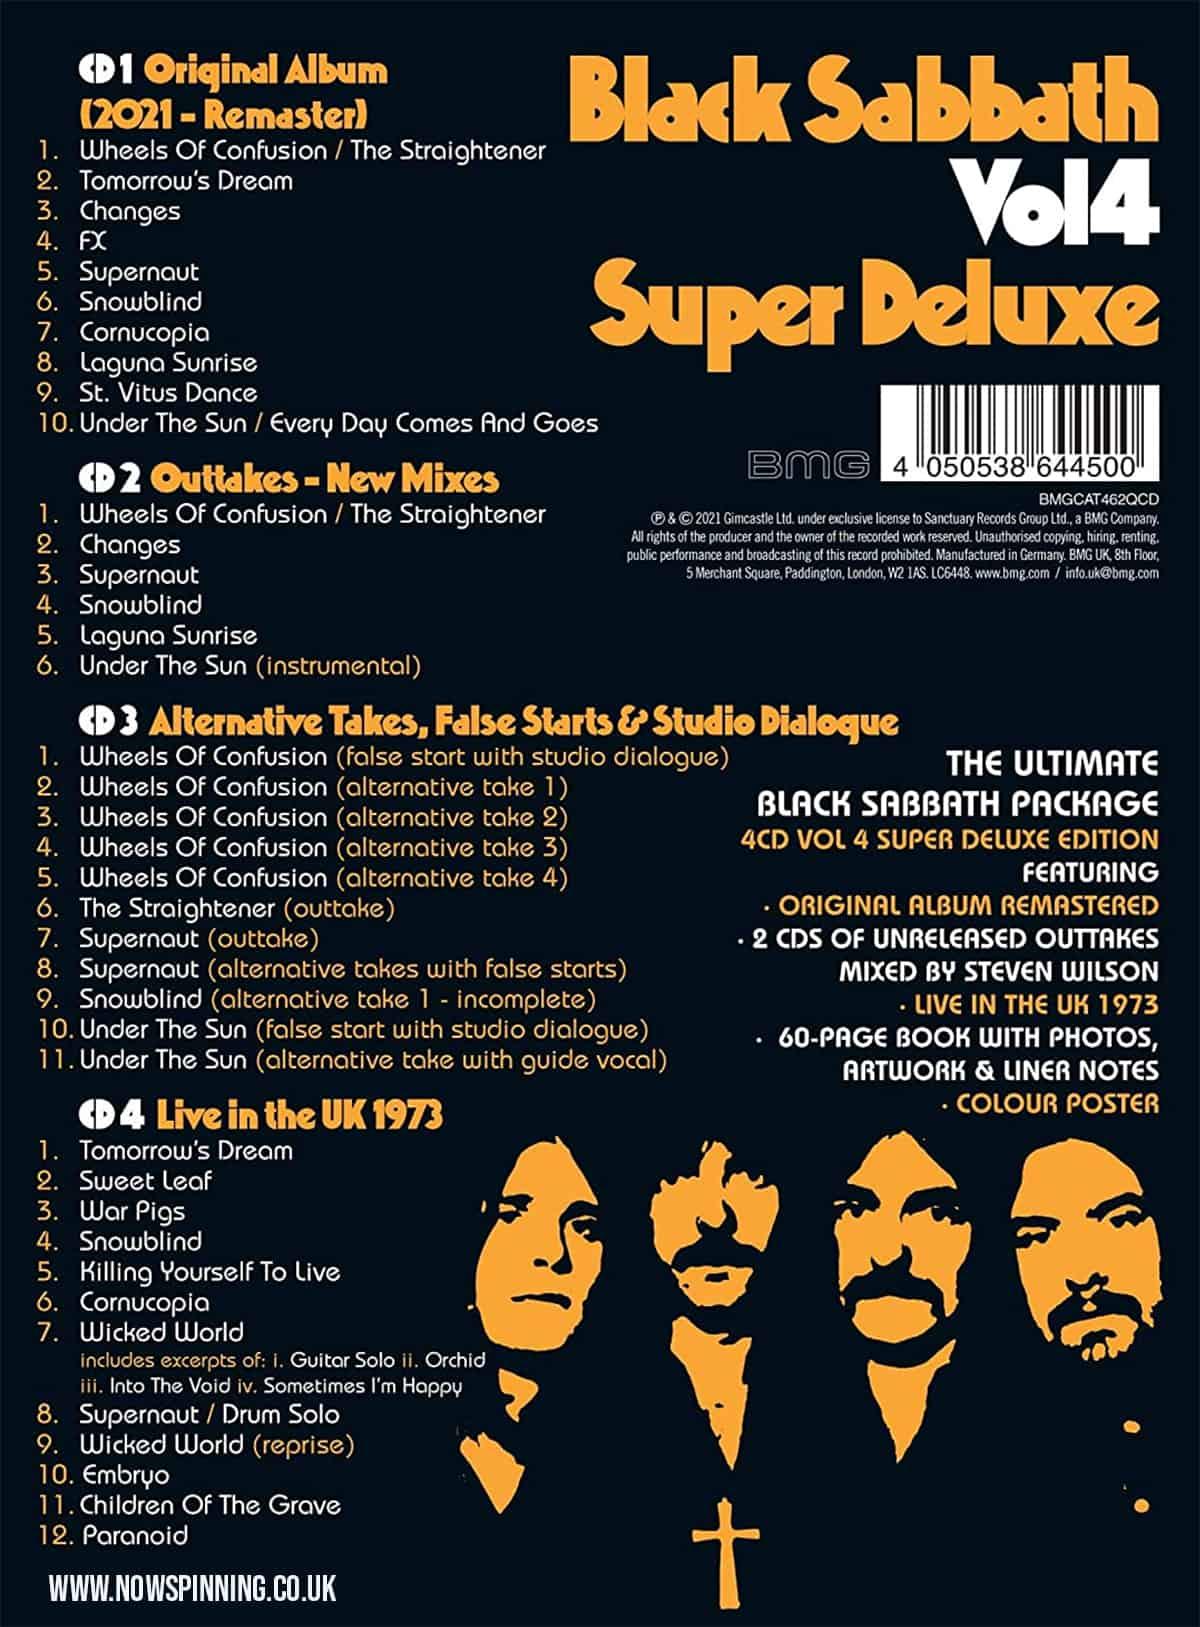 Black Sabbath Vol 4 Deluxe Box Set Track listing